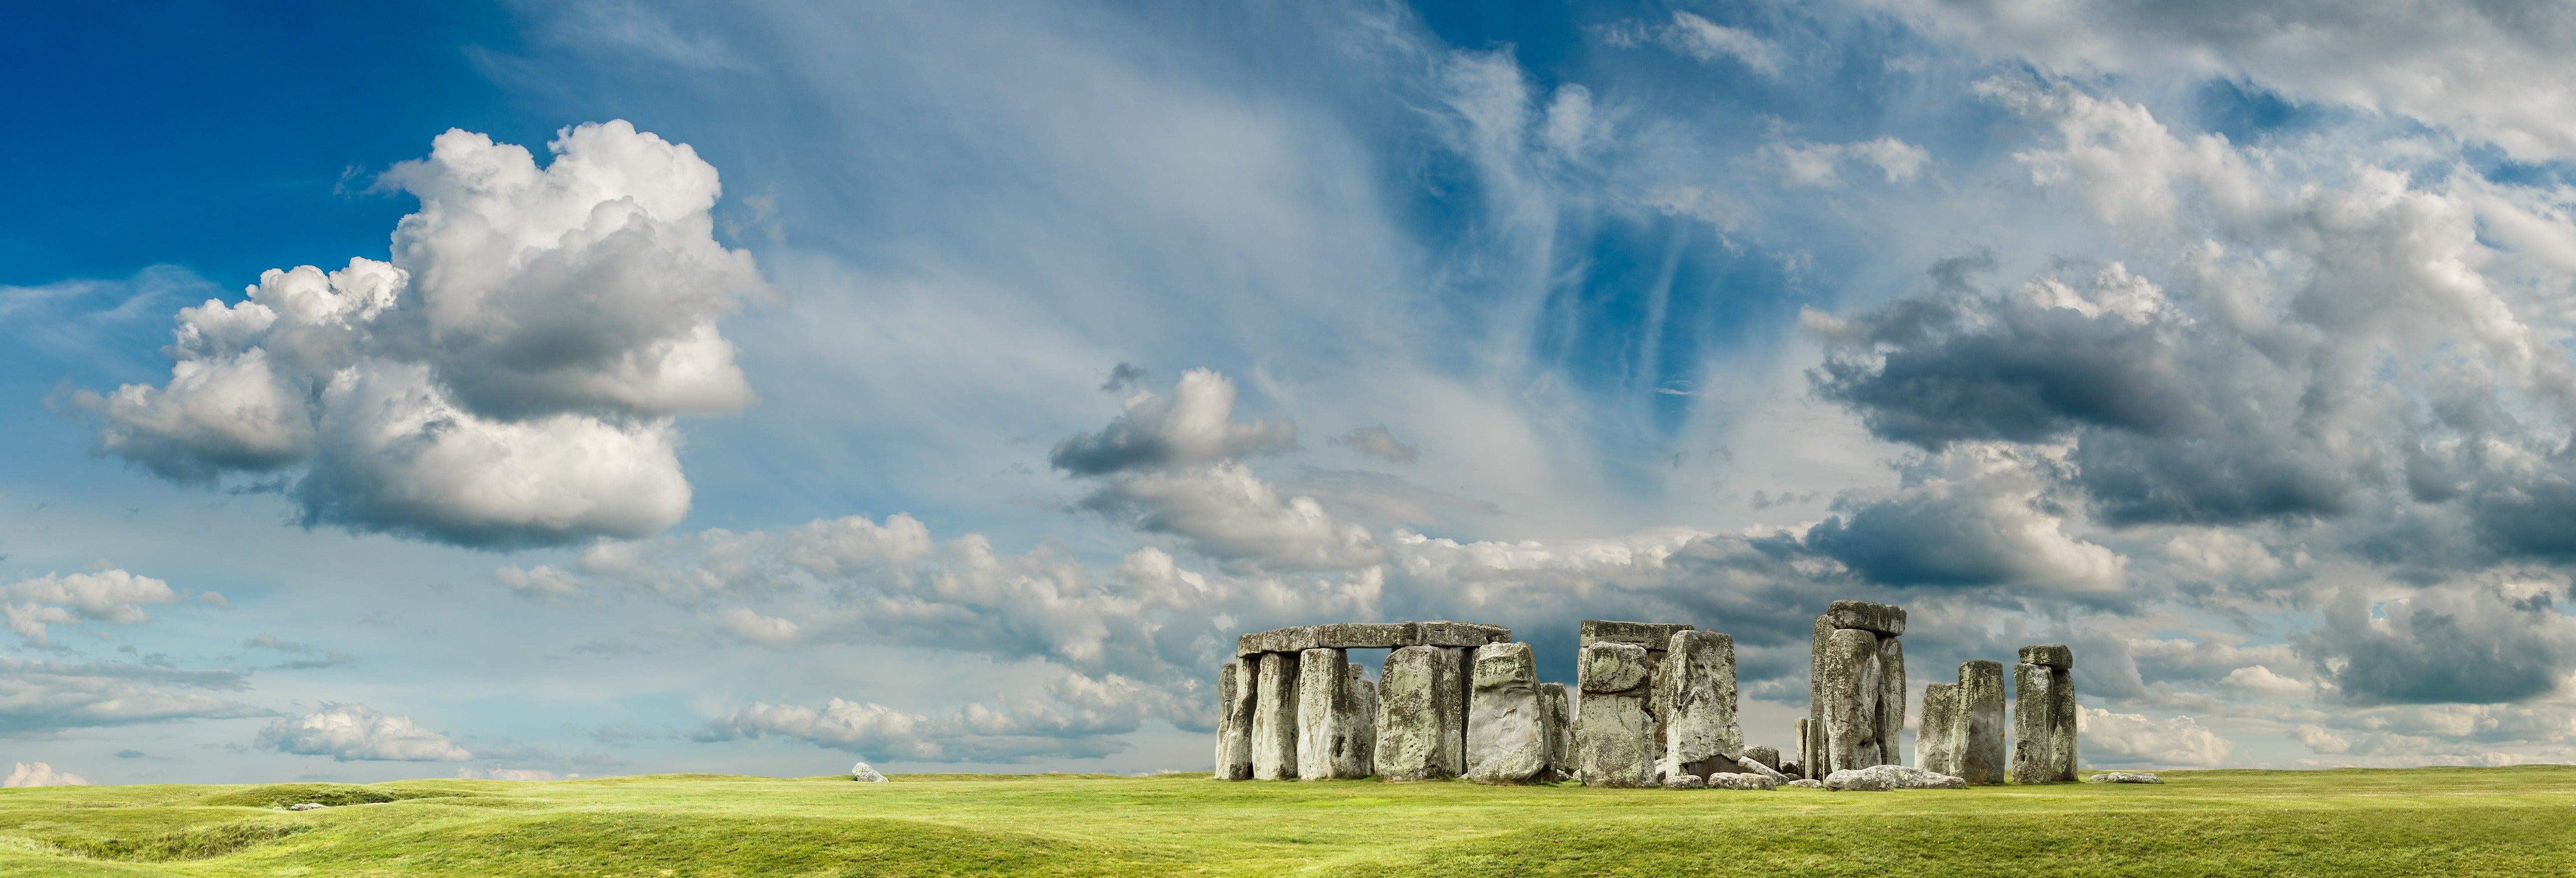 Excursão a Stonehenge e Bath